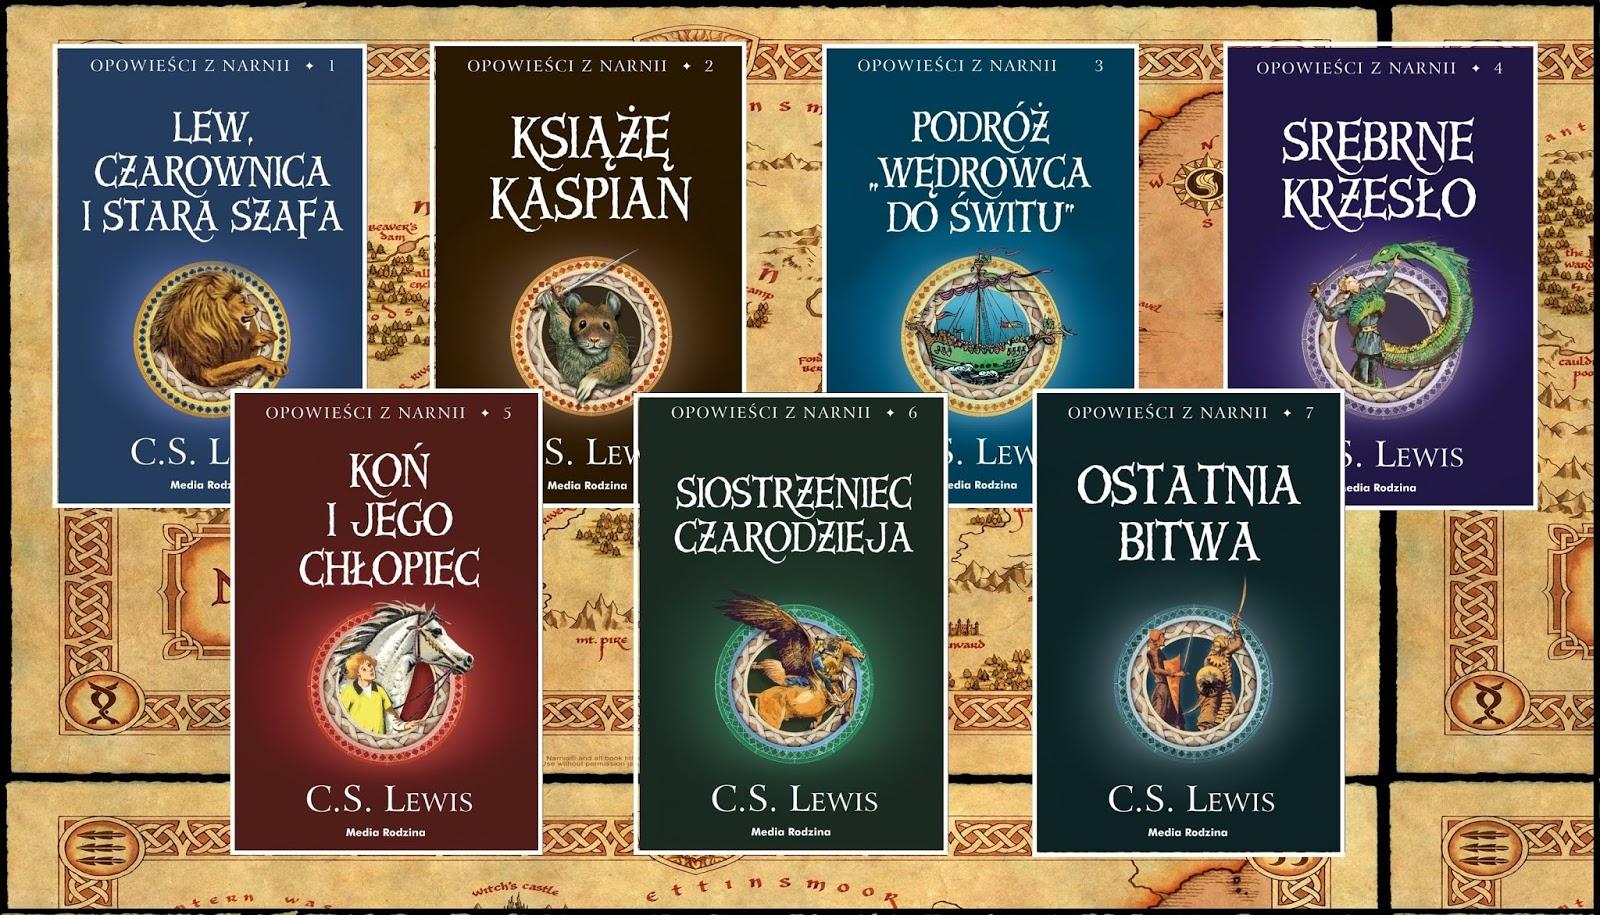 W jakiej kolejności czytać opowieści z narnii? - powieść C. S. Lewisa - literatura fantasy